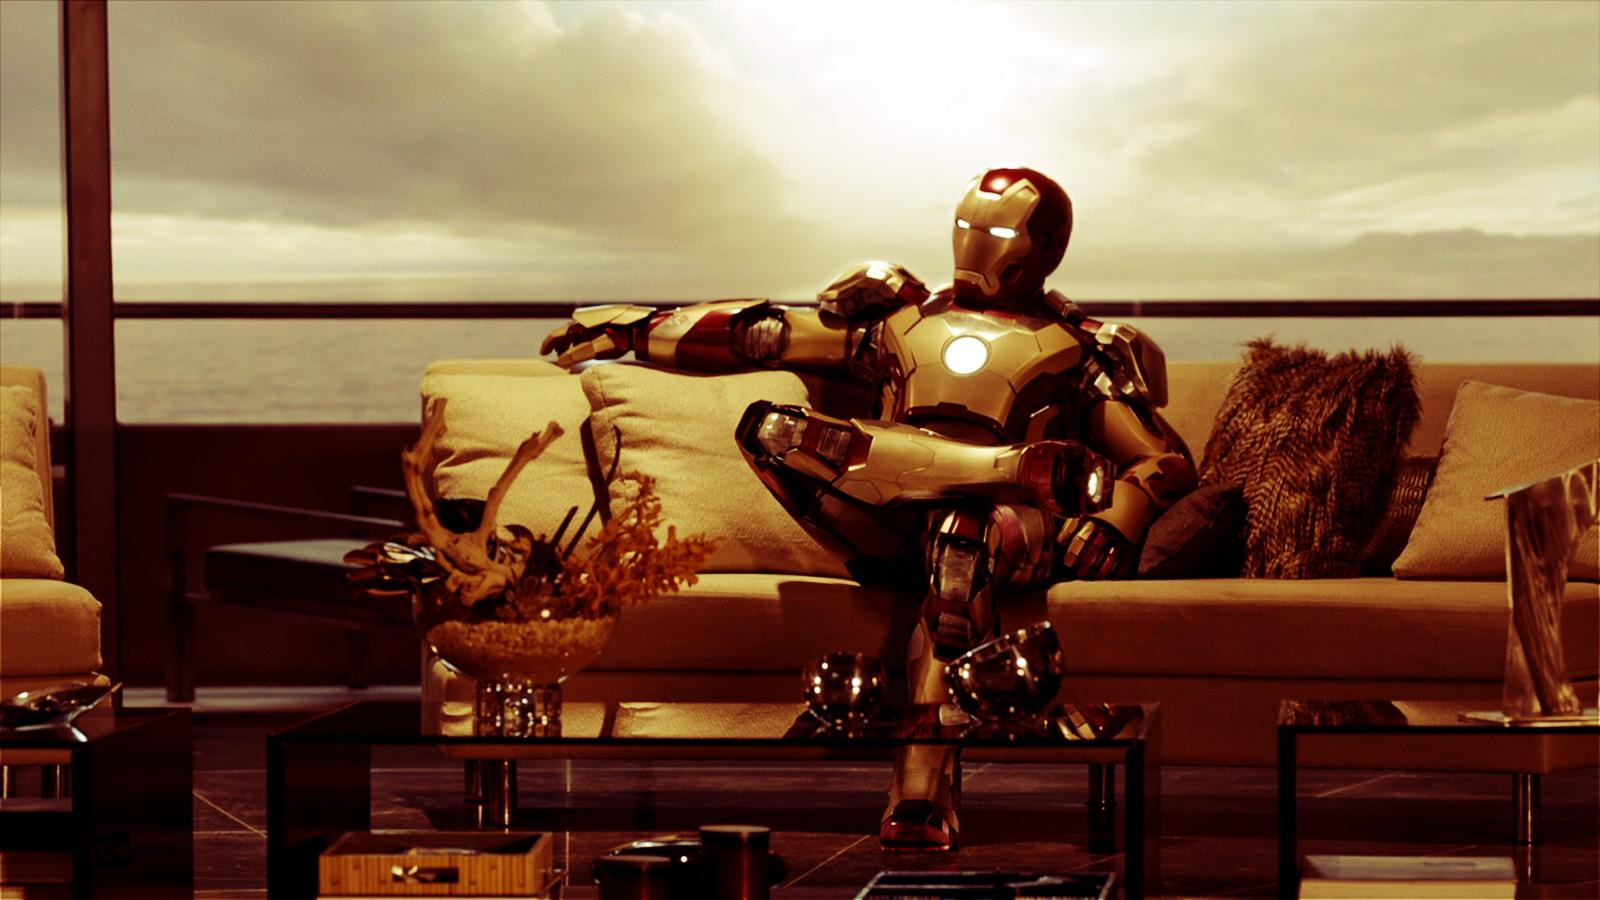 http://2.bp.blogspot.com/-g3ISfGqBec8/UIgDMWVewYI/AAAAAAAAFp0/_qsFCL3ykkw/s1600/Iron-Man-3-on-Sofa-HD-Wallpaper_Vvallpaper.Net.jpg